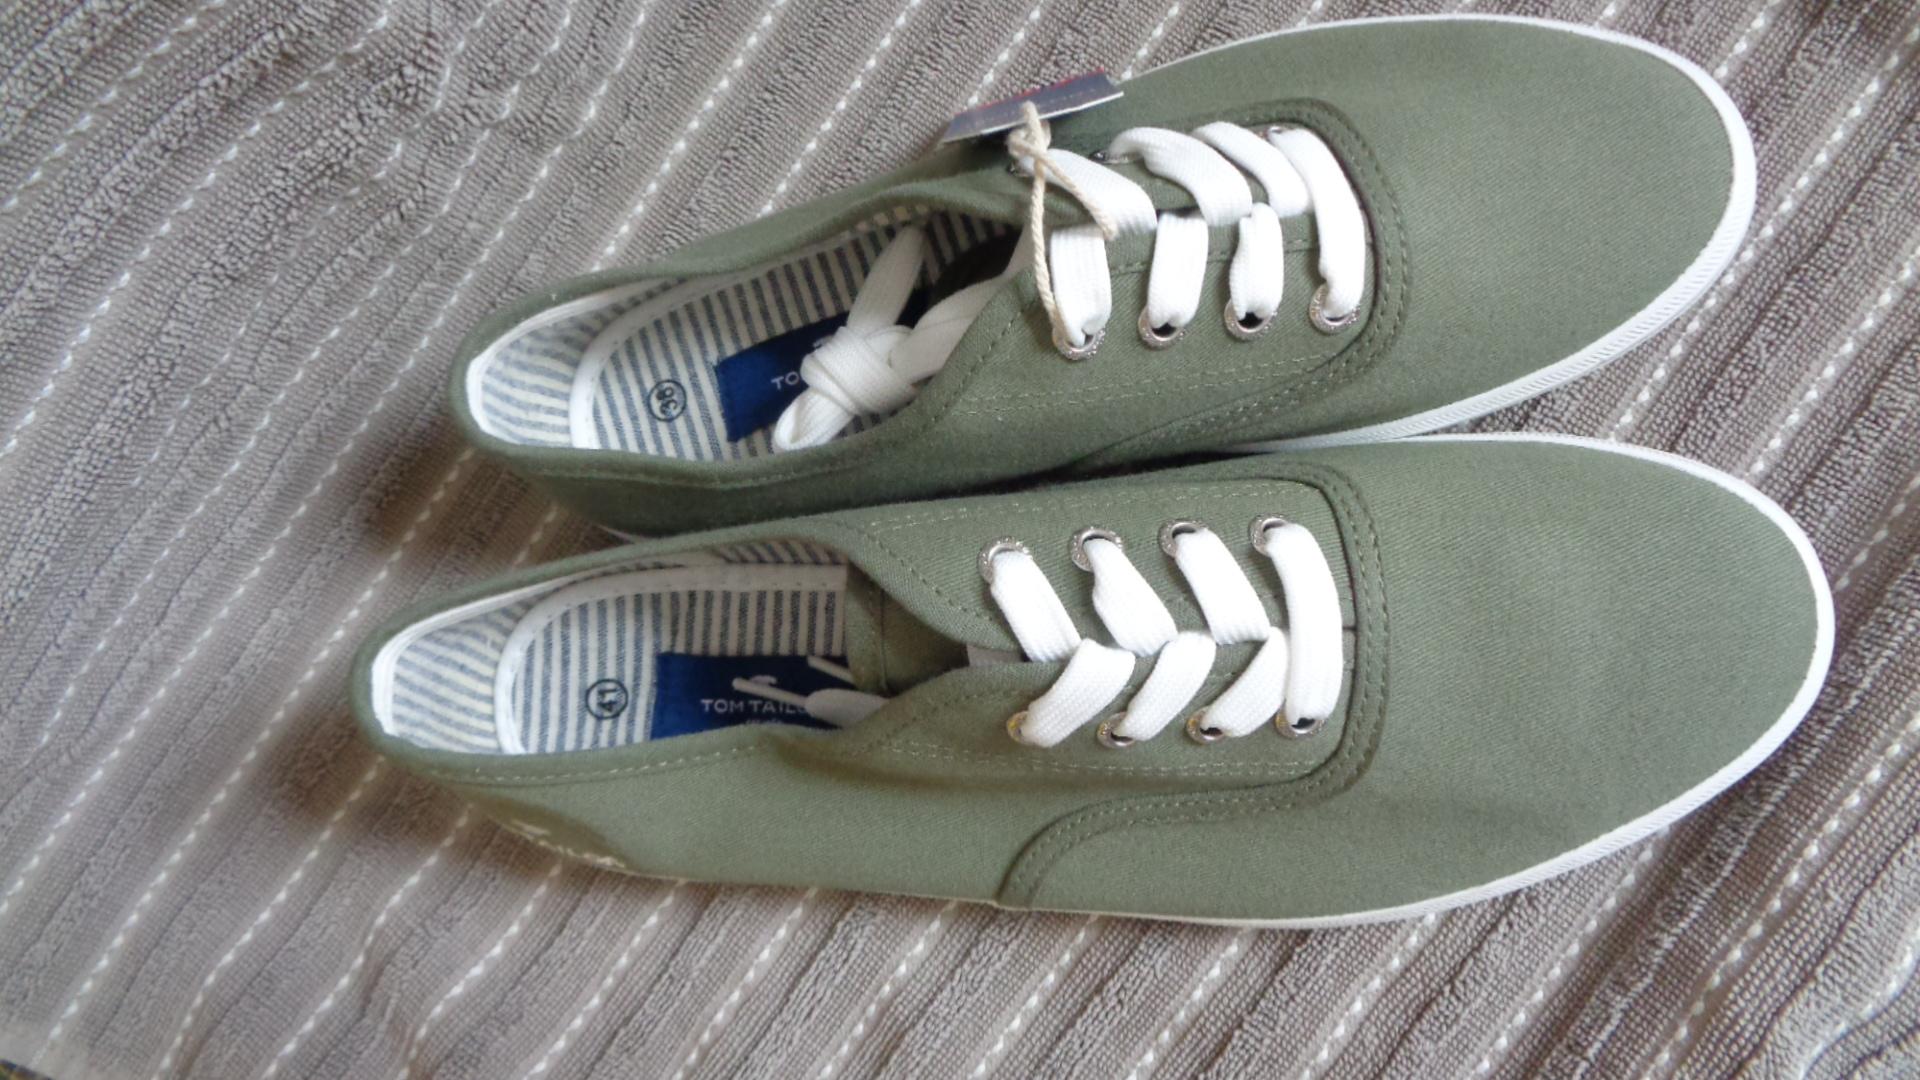 Bild Nummer 2 von Schnürschuh Sommer - TomTailor olivgrün-weiß